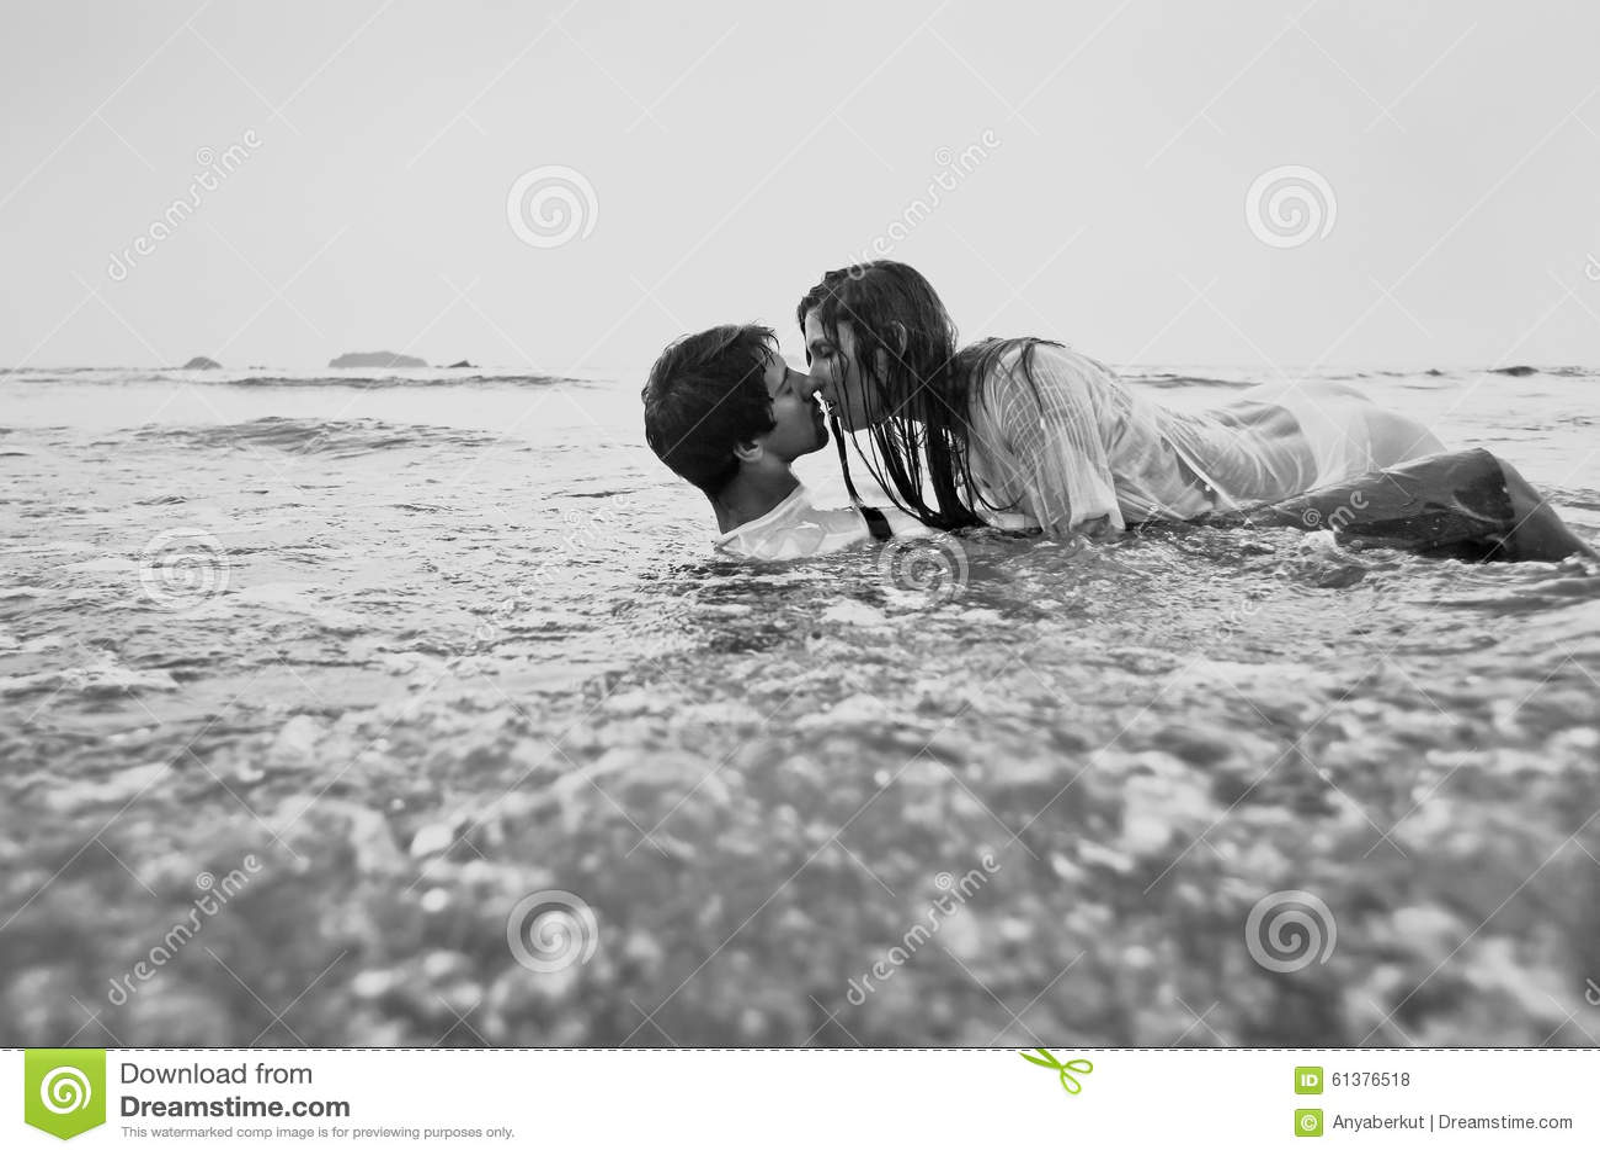 Секс черного на пляже трахнули пиздень